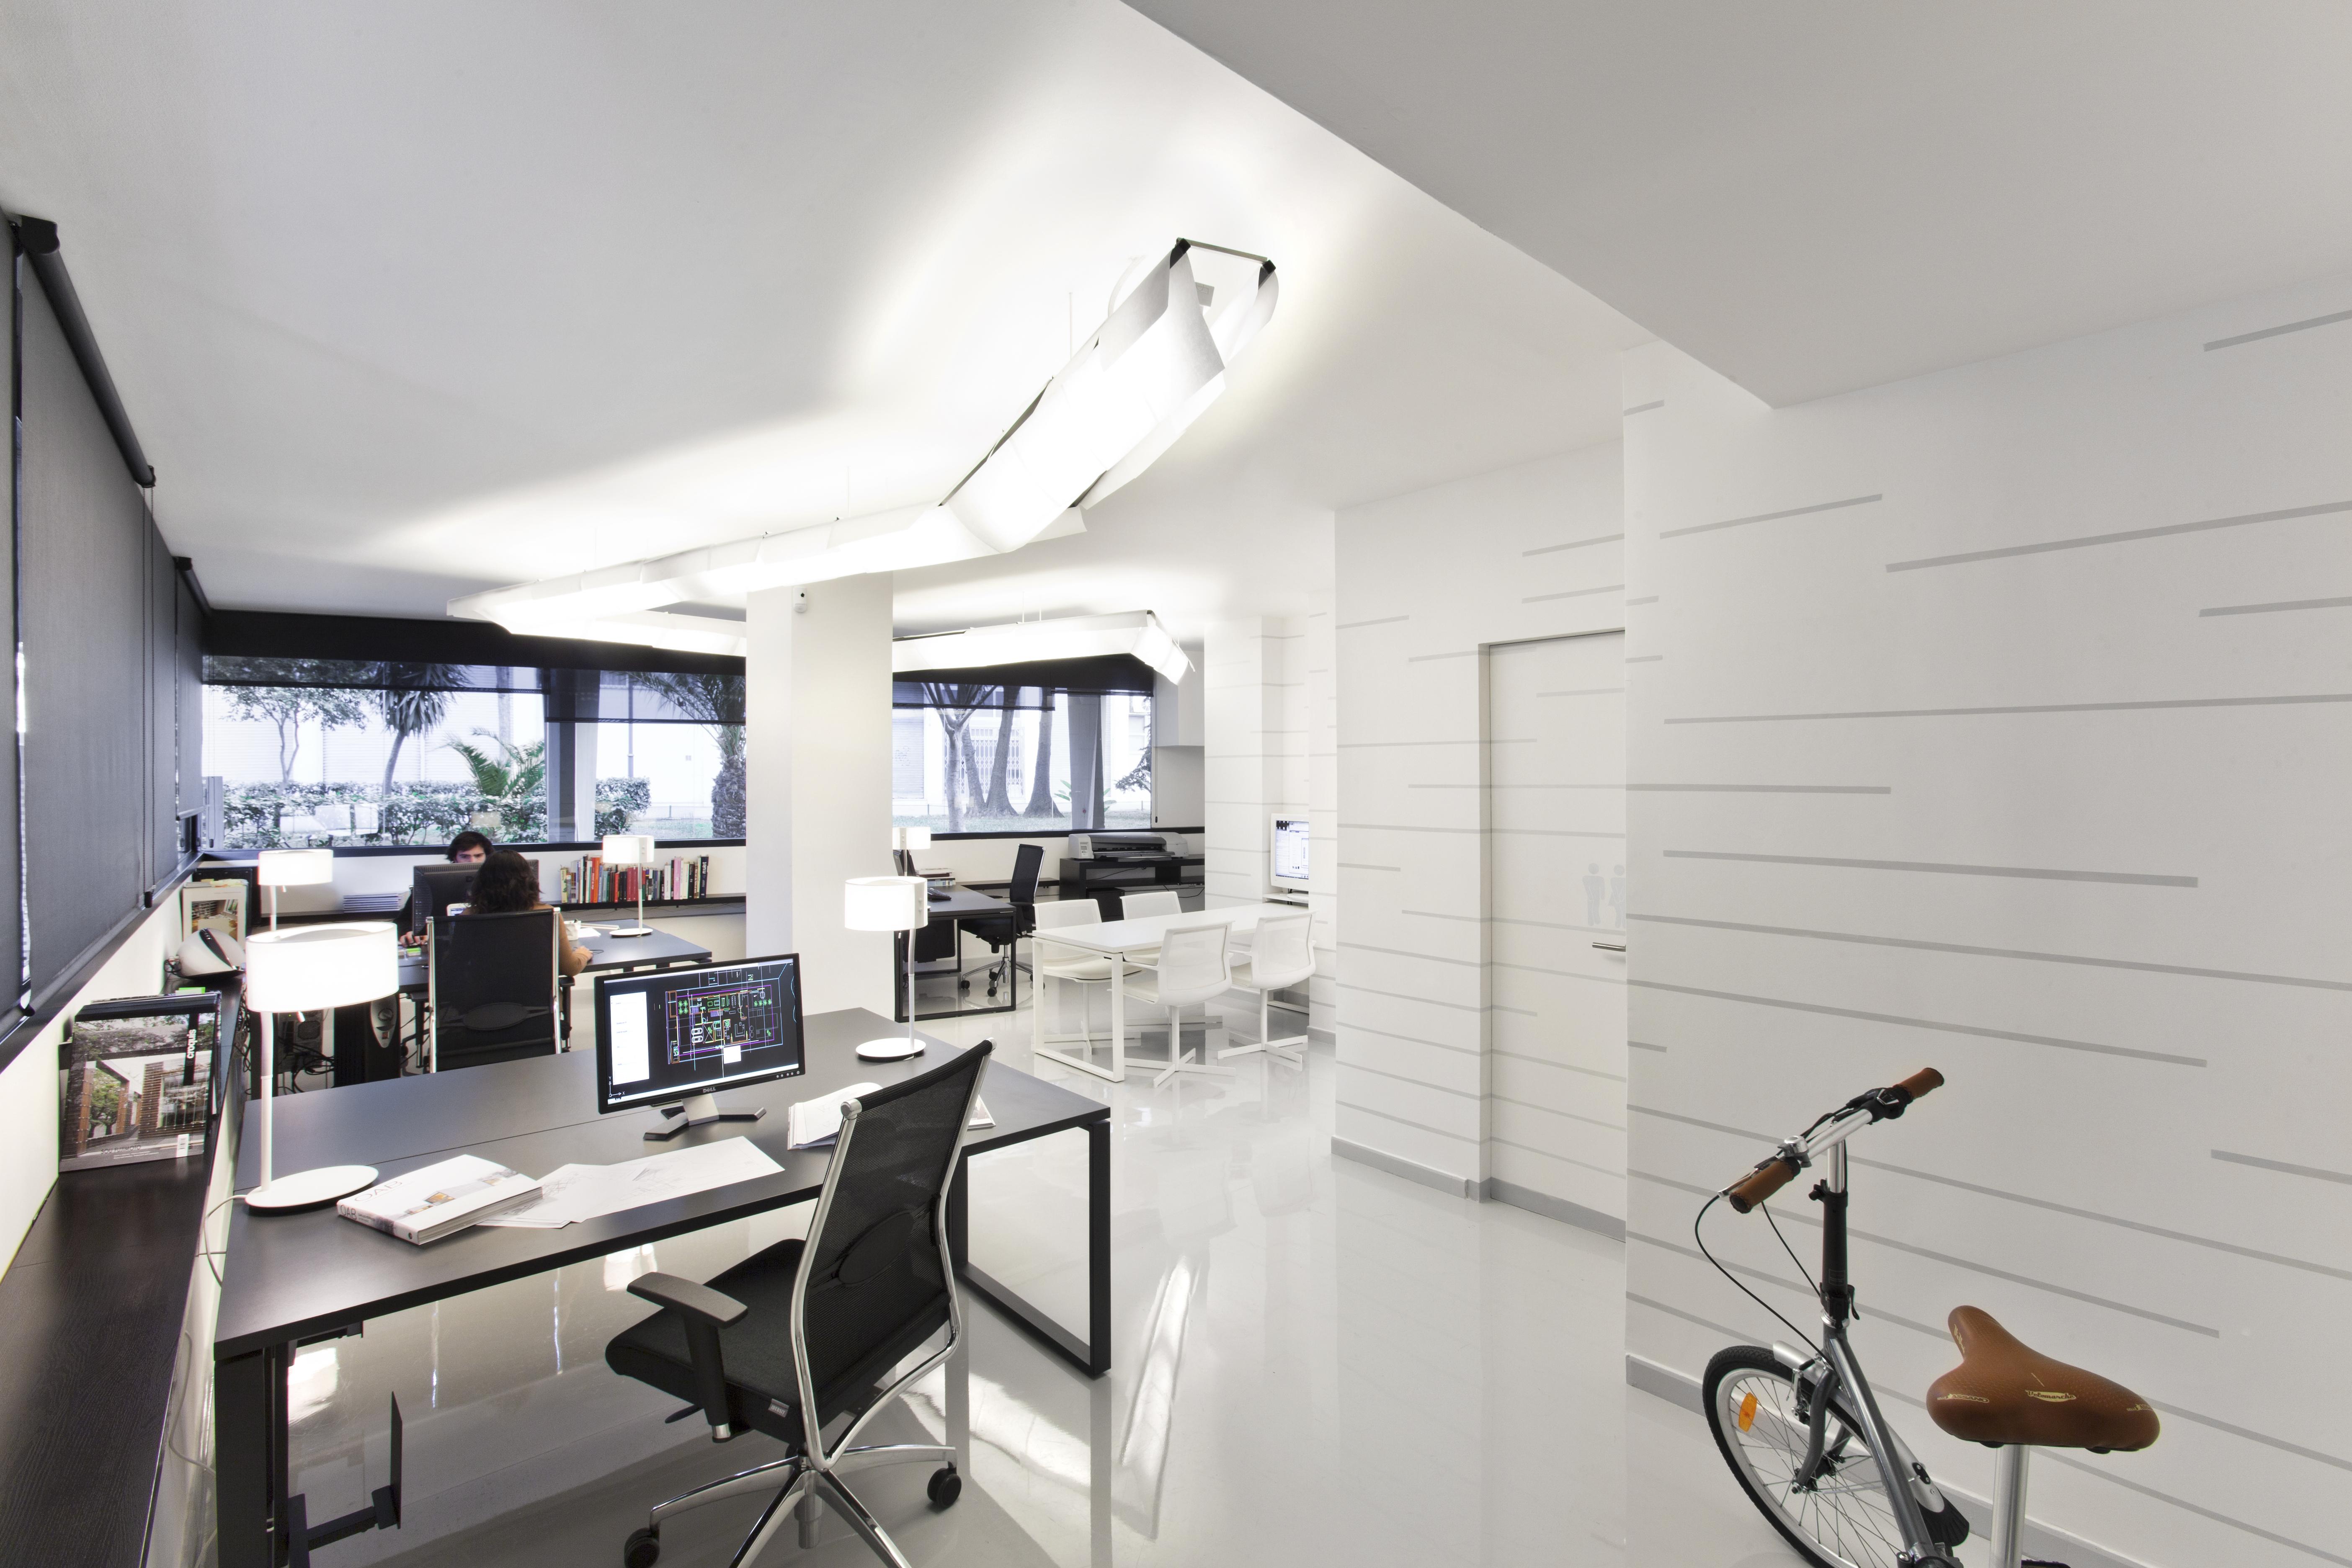 Dom studio dom arquitectura for Trabajo de arquitecto